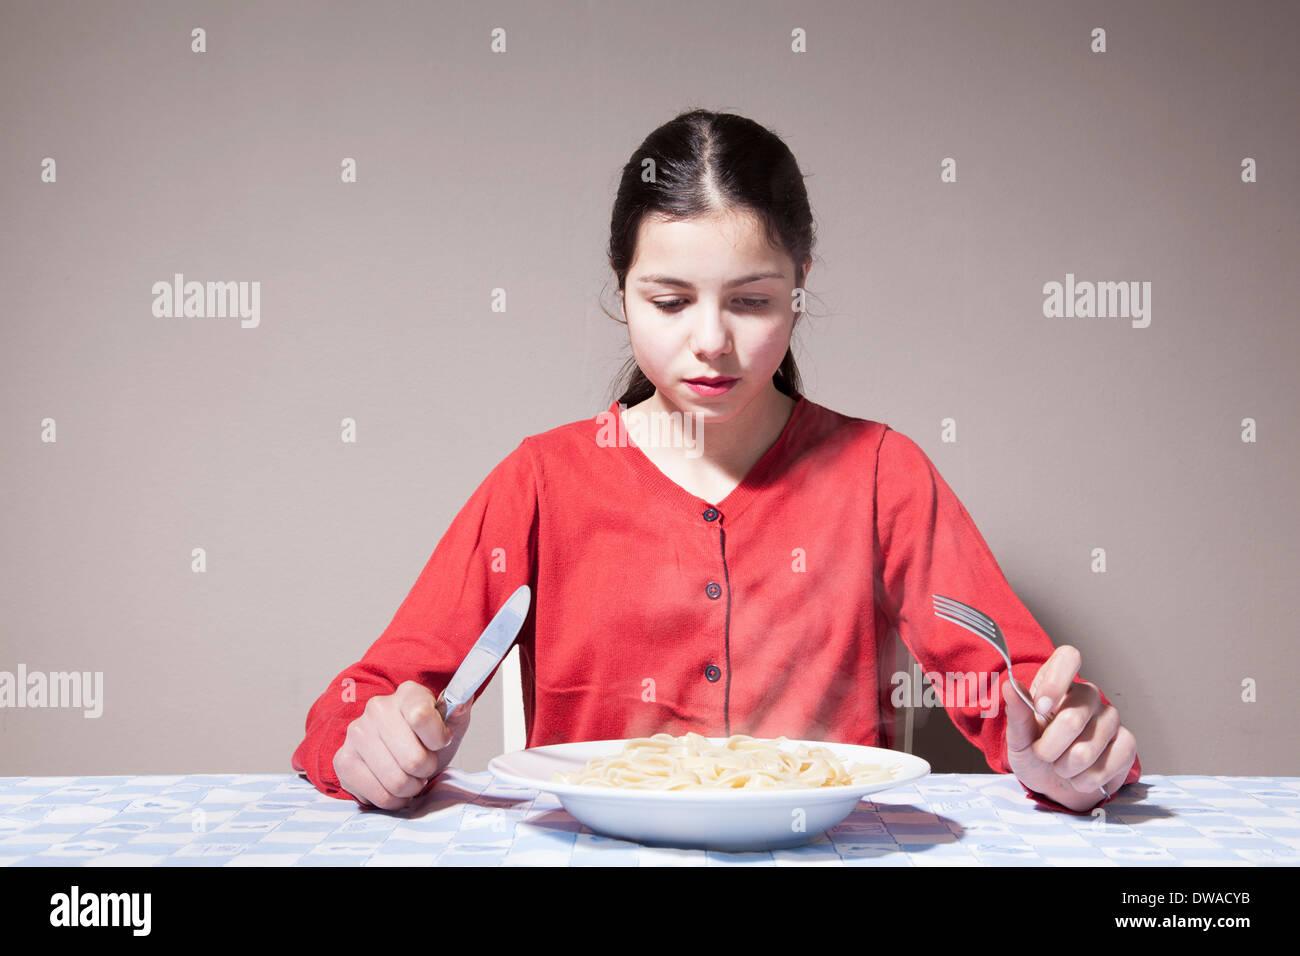 Adolescente comer pasta Imagen De Stock